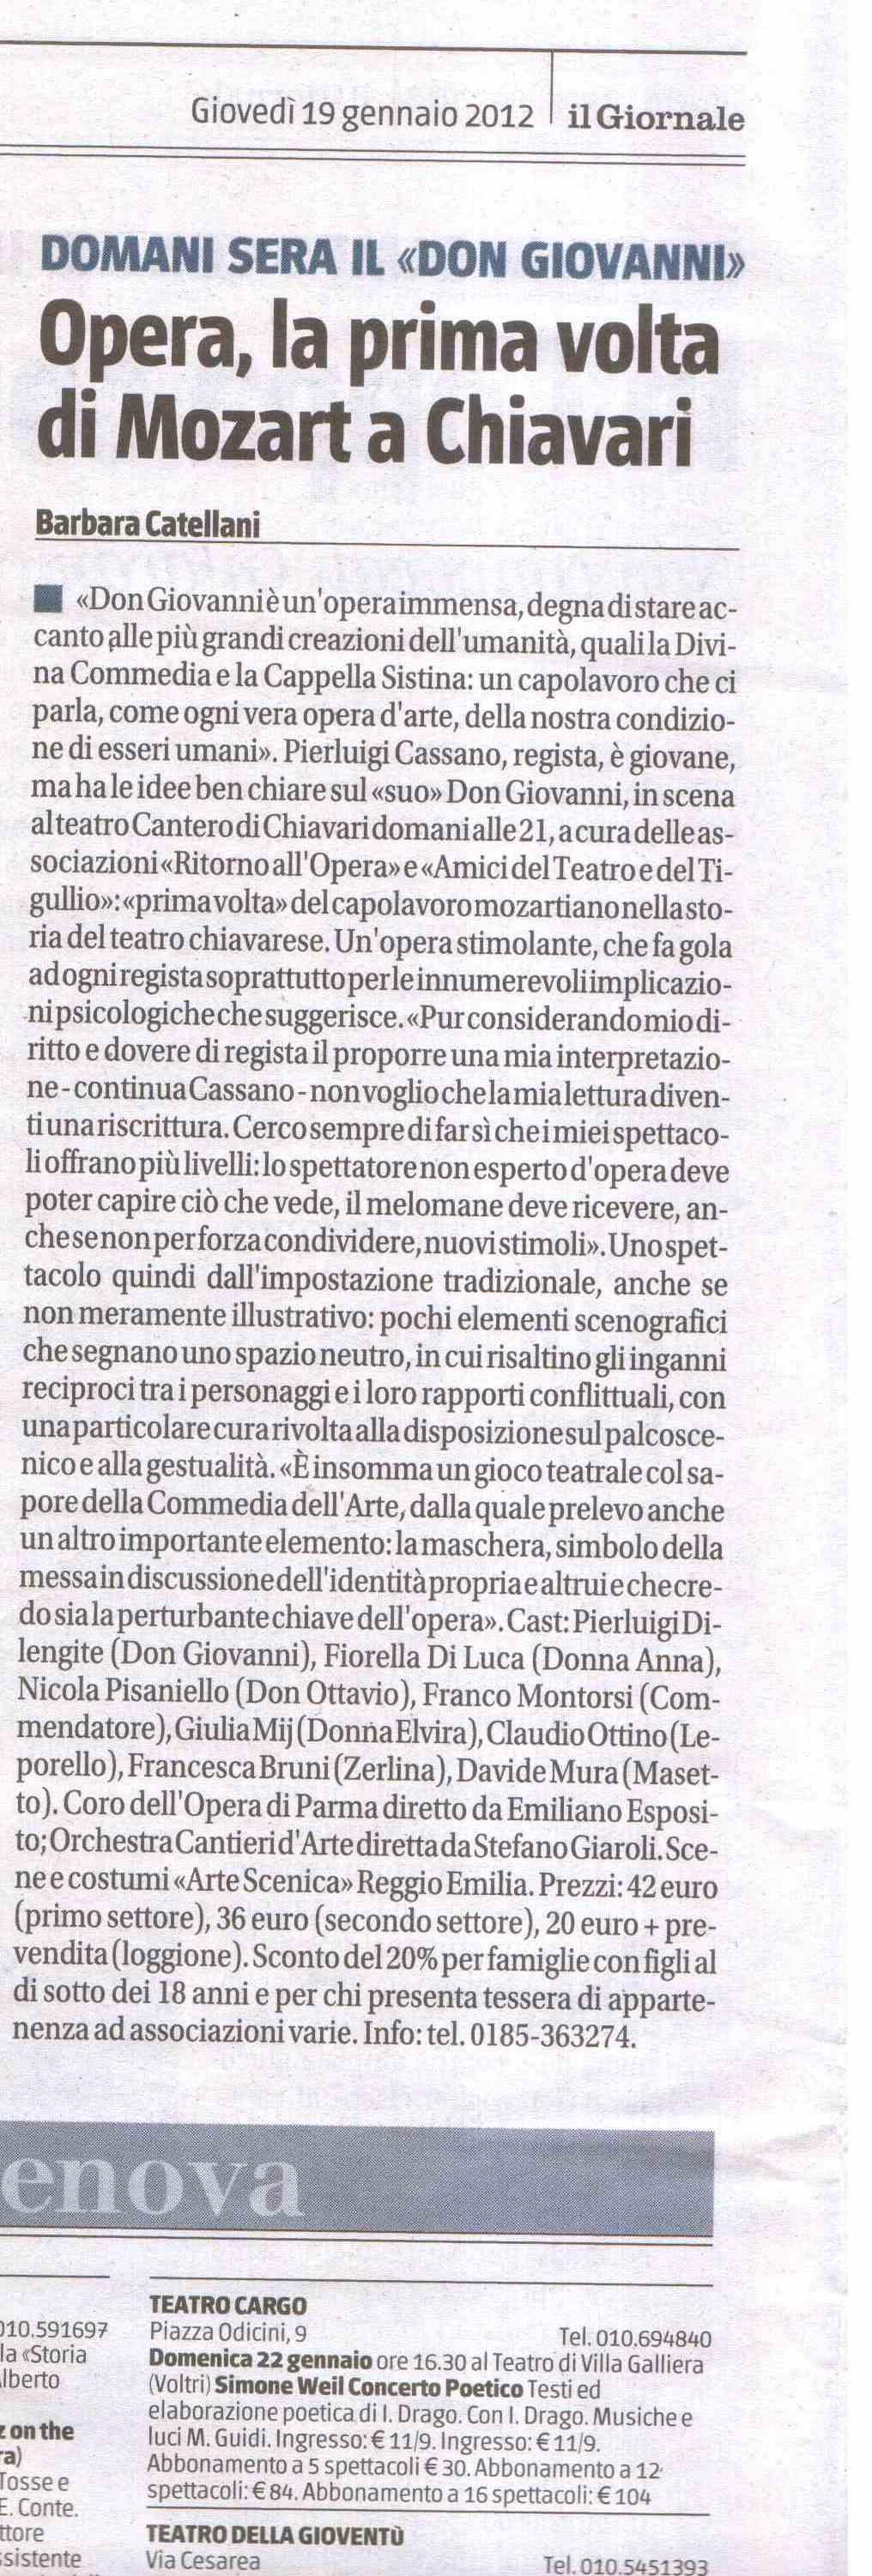 19.01.2012 – IL GIORNALE – Don Giovanni